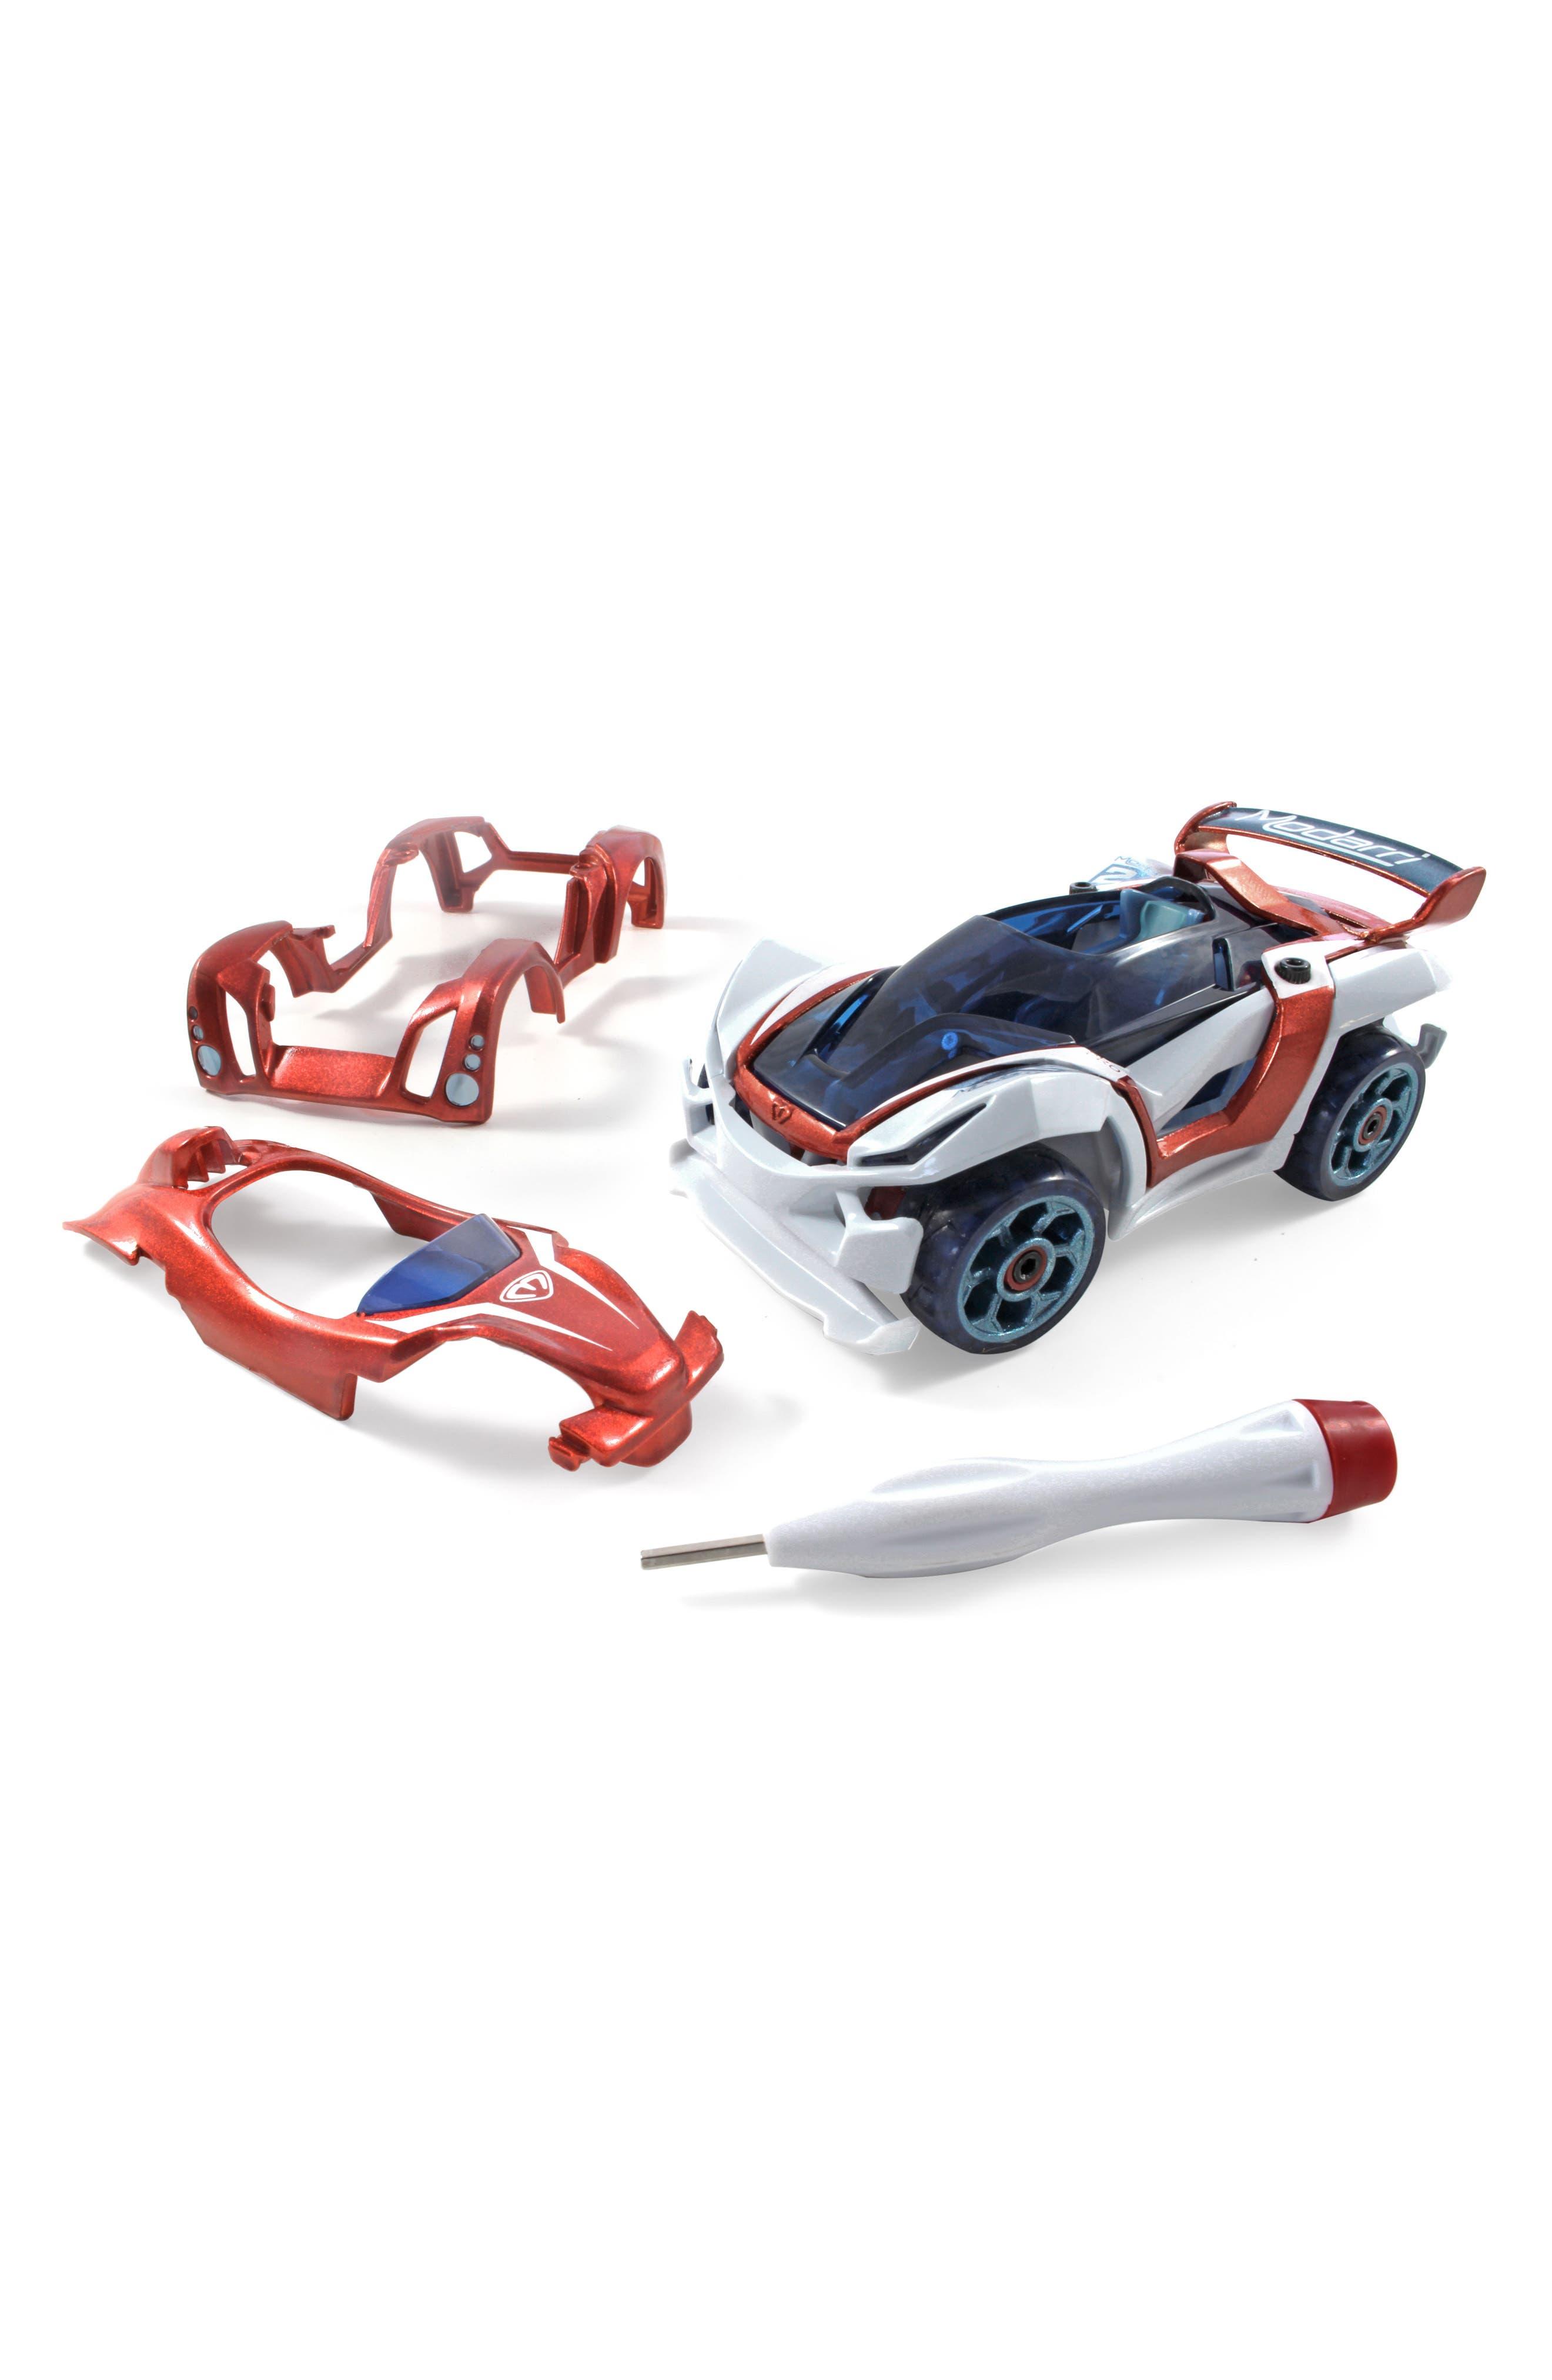 Modarri Delux T1 Track Car Kit